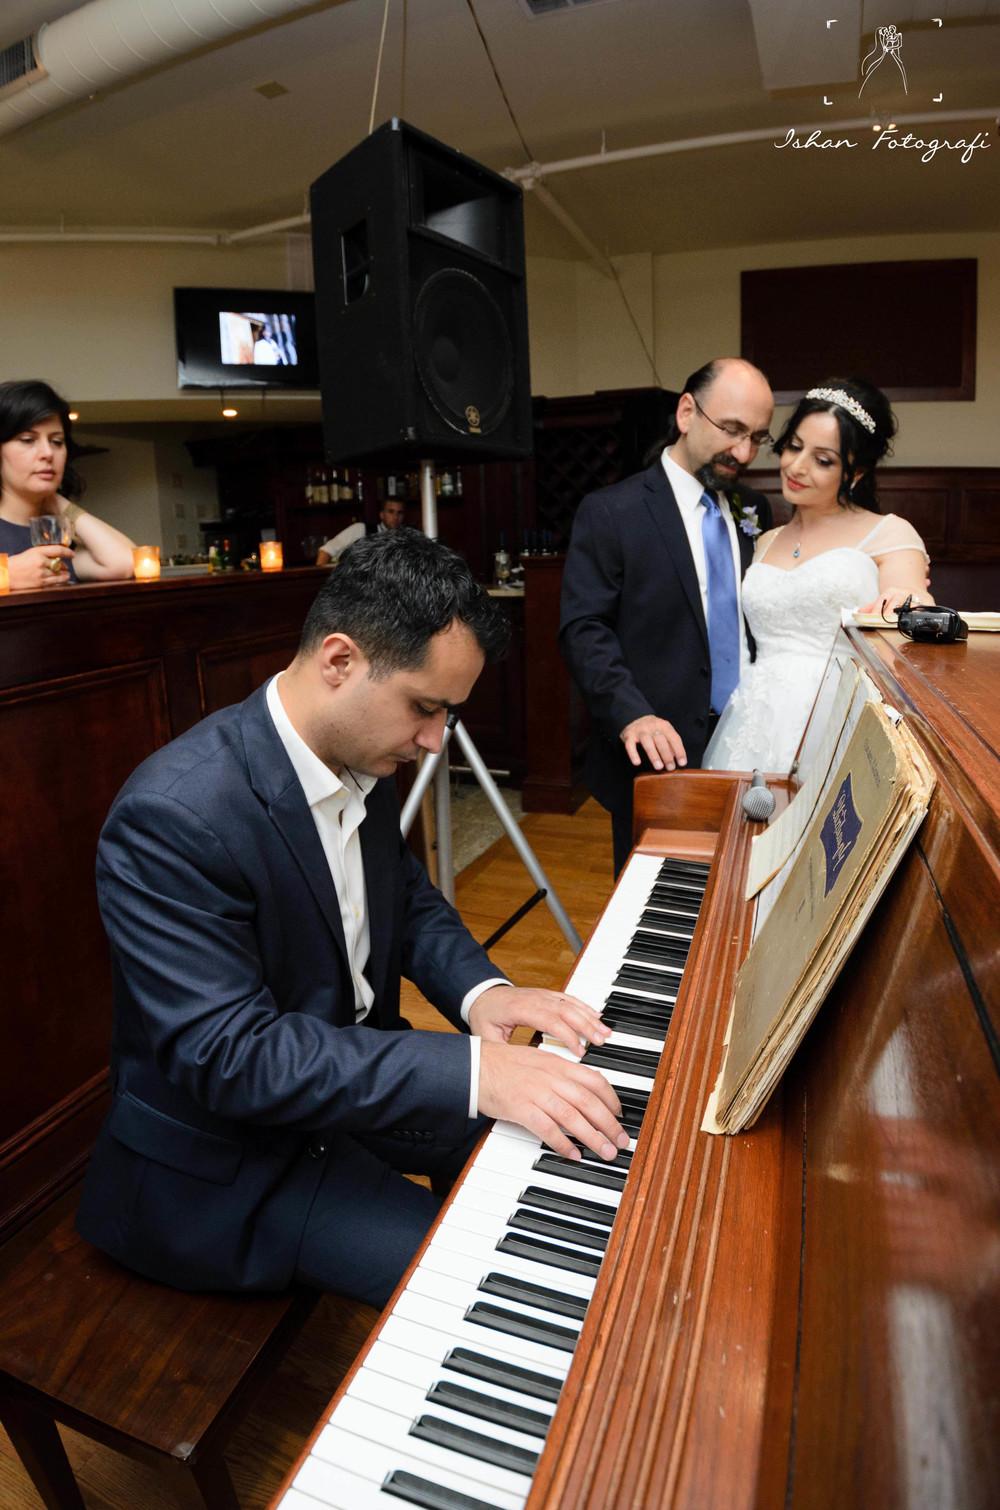 Piano and violin all night long.